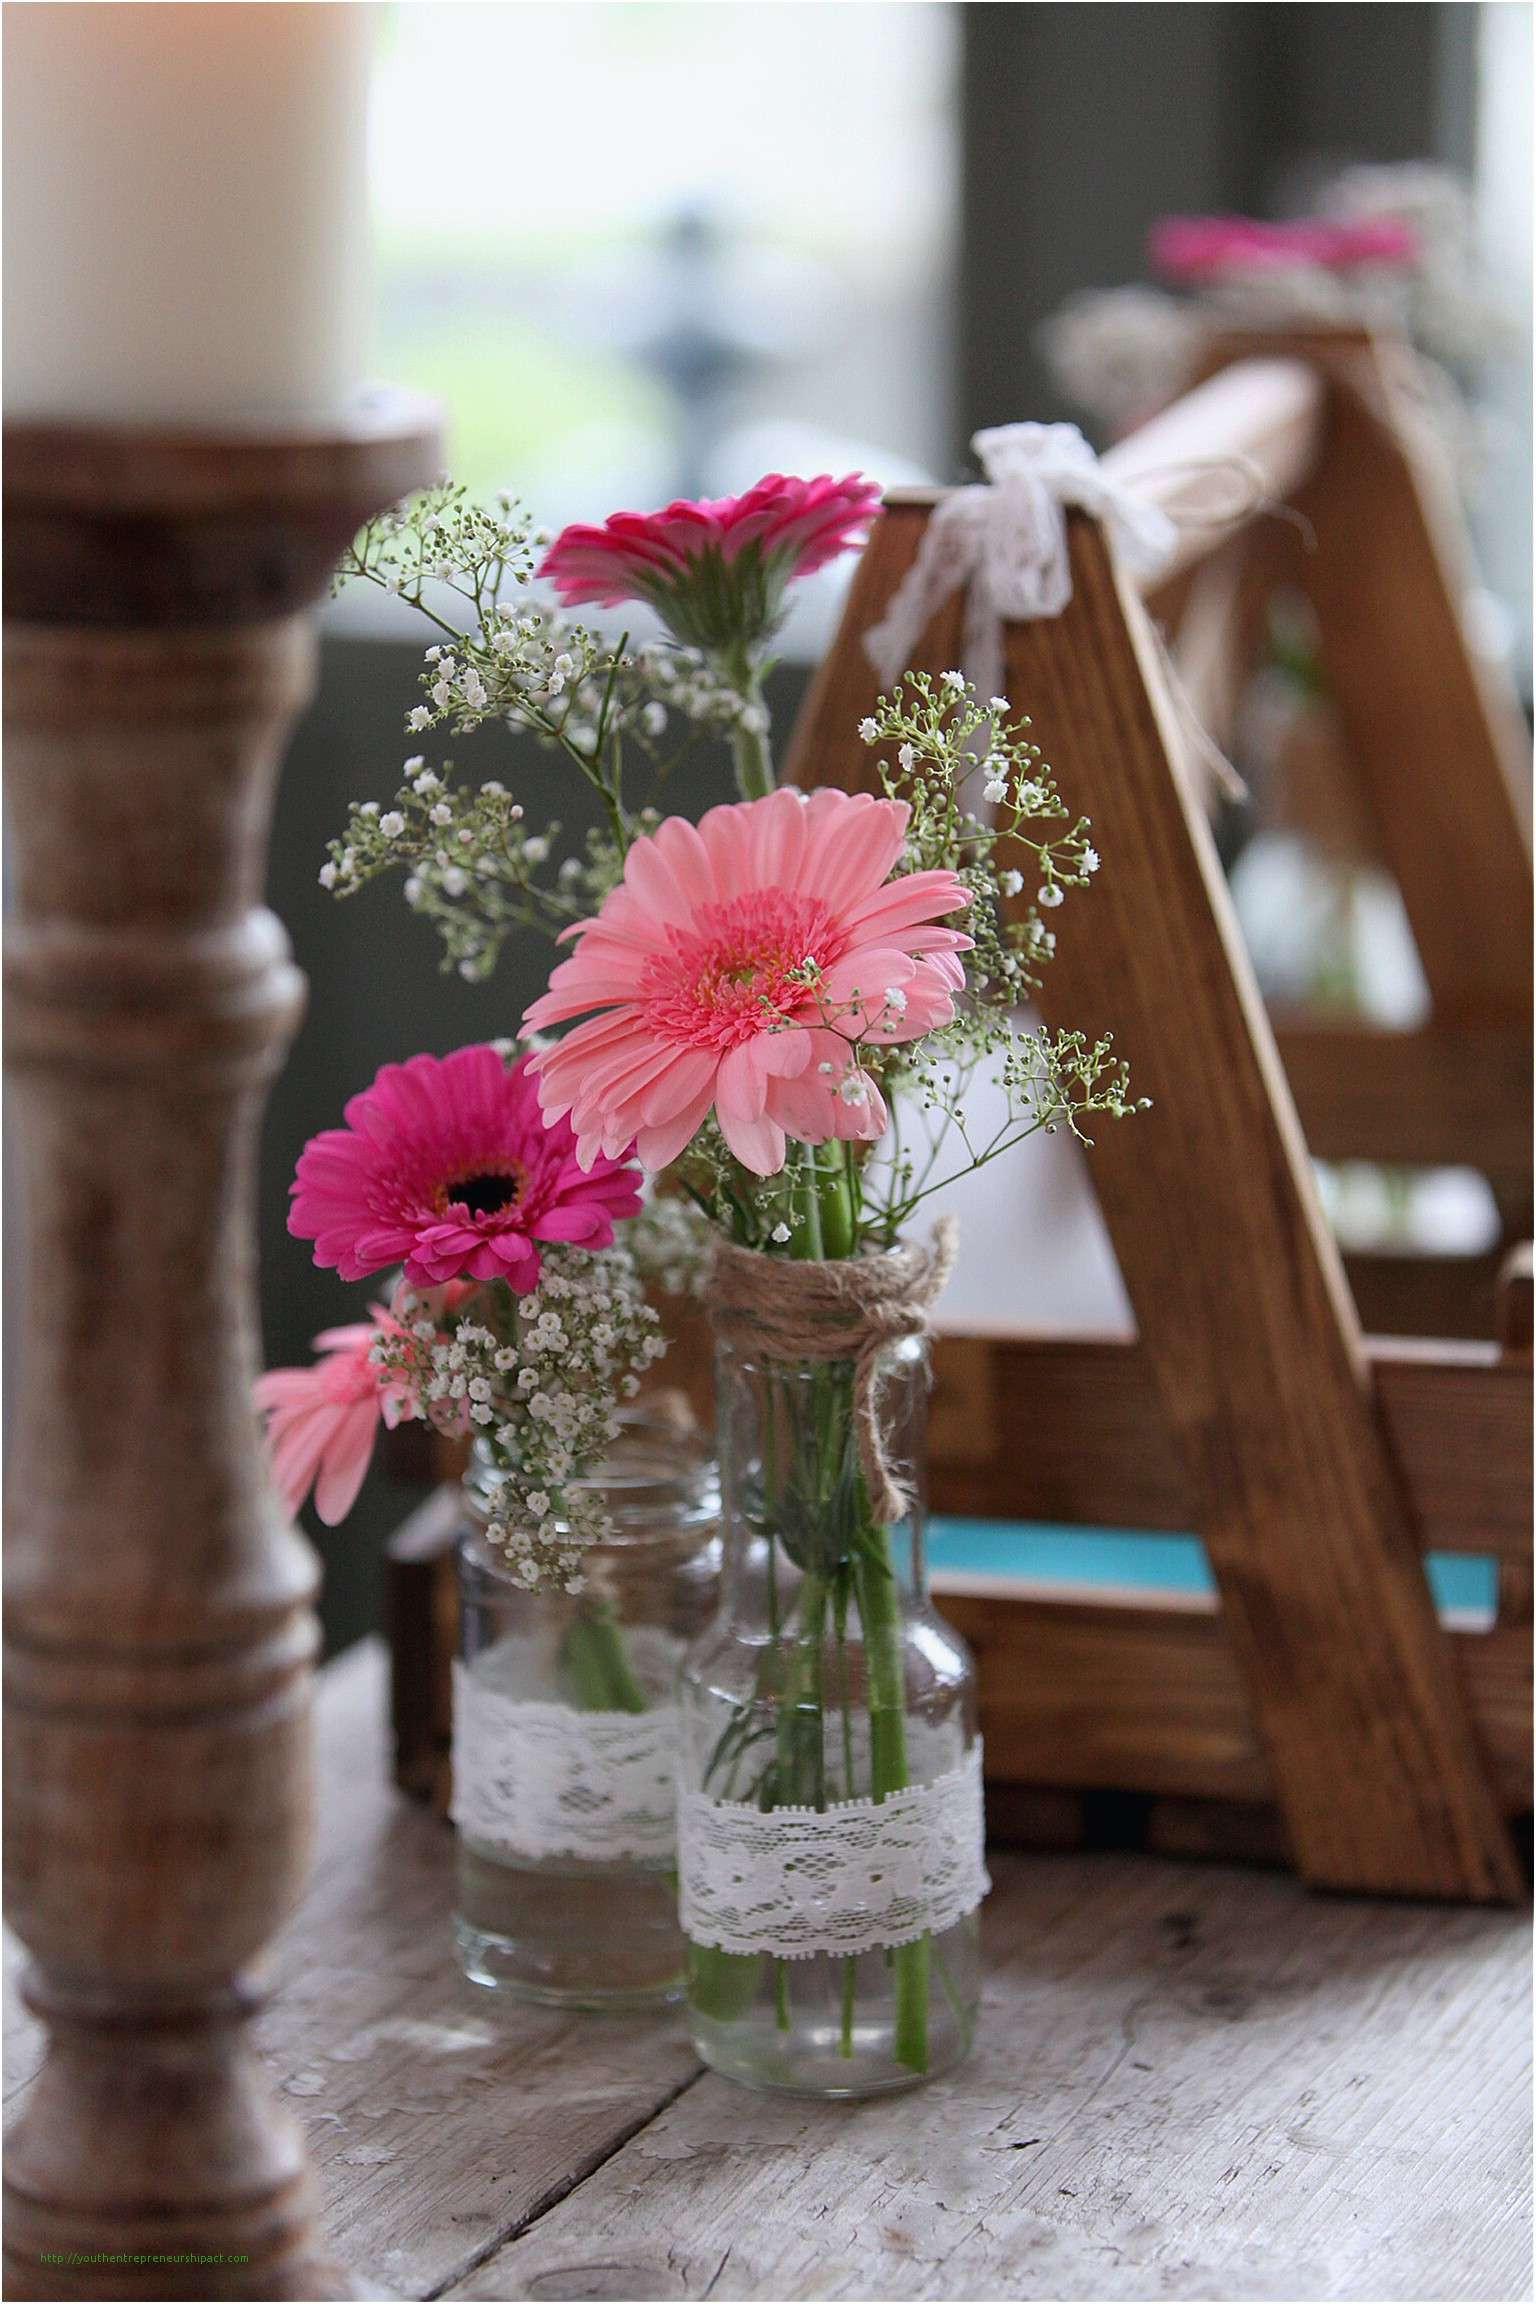 Hochzeit Tisch  Blumengestecke Hochzeit Tisch 50 Fertig Tischdeko Selber